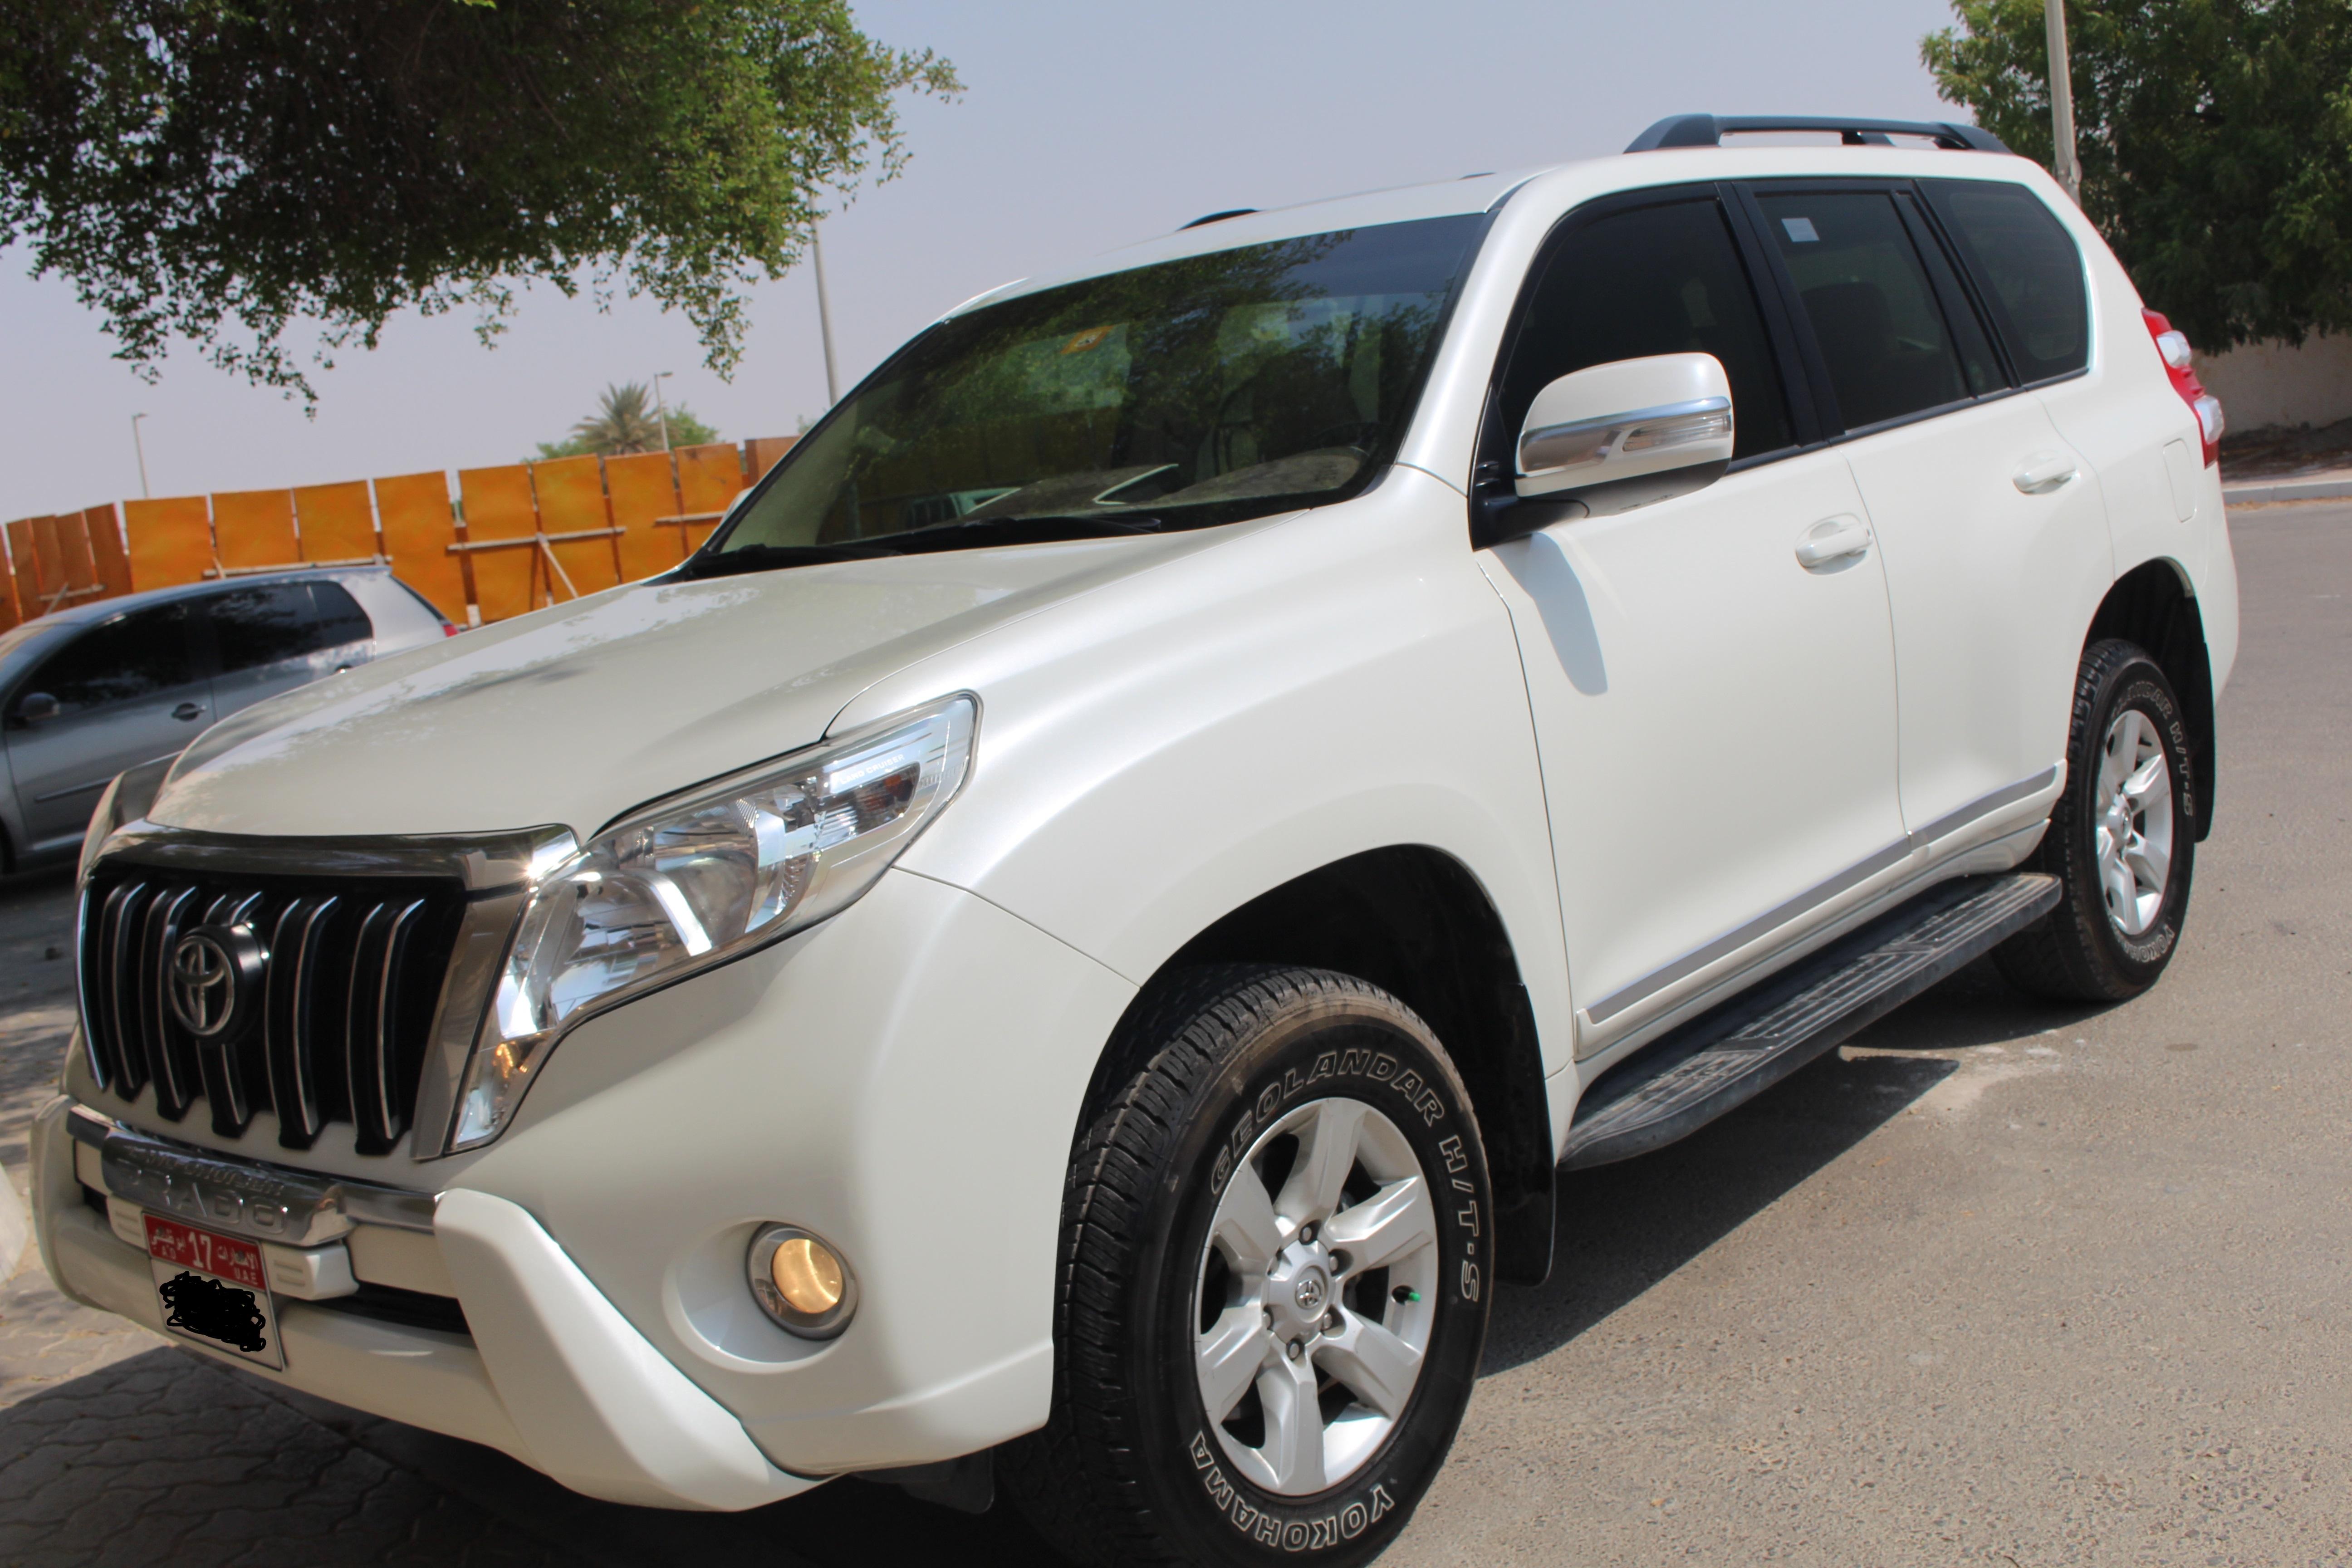 Used Toyota Land Cruiser Prado 40l Vxr 2014 767002 Img 3014